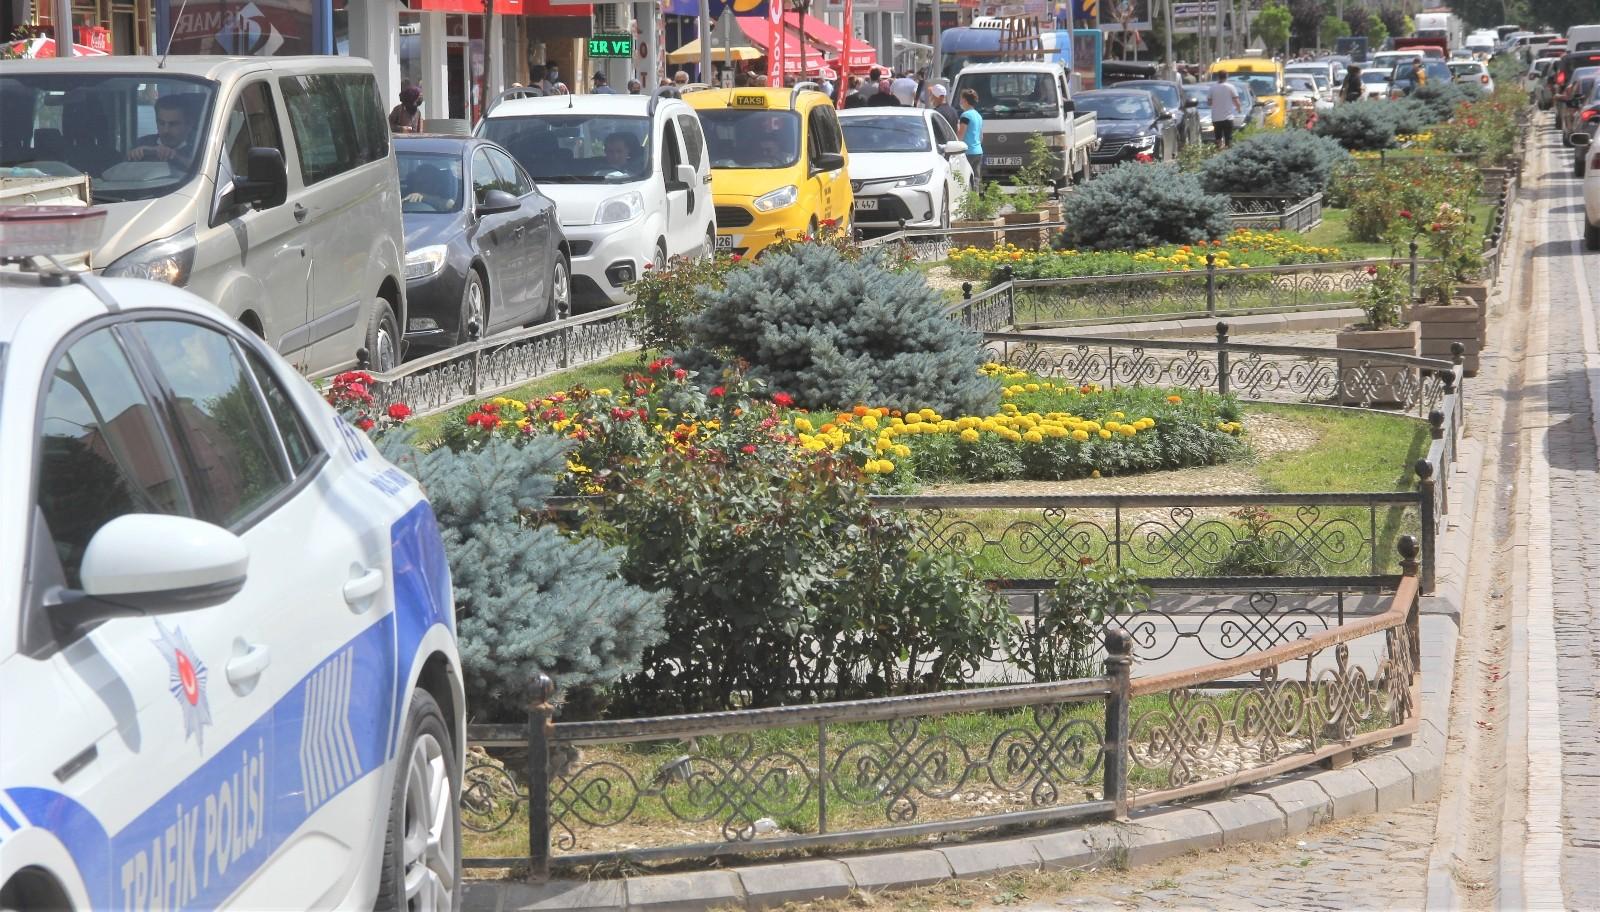 Bayburt'ta trafiğe kayıtlı araç sayısı 16 bin 75 oldu